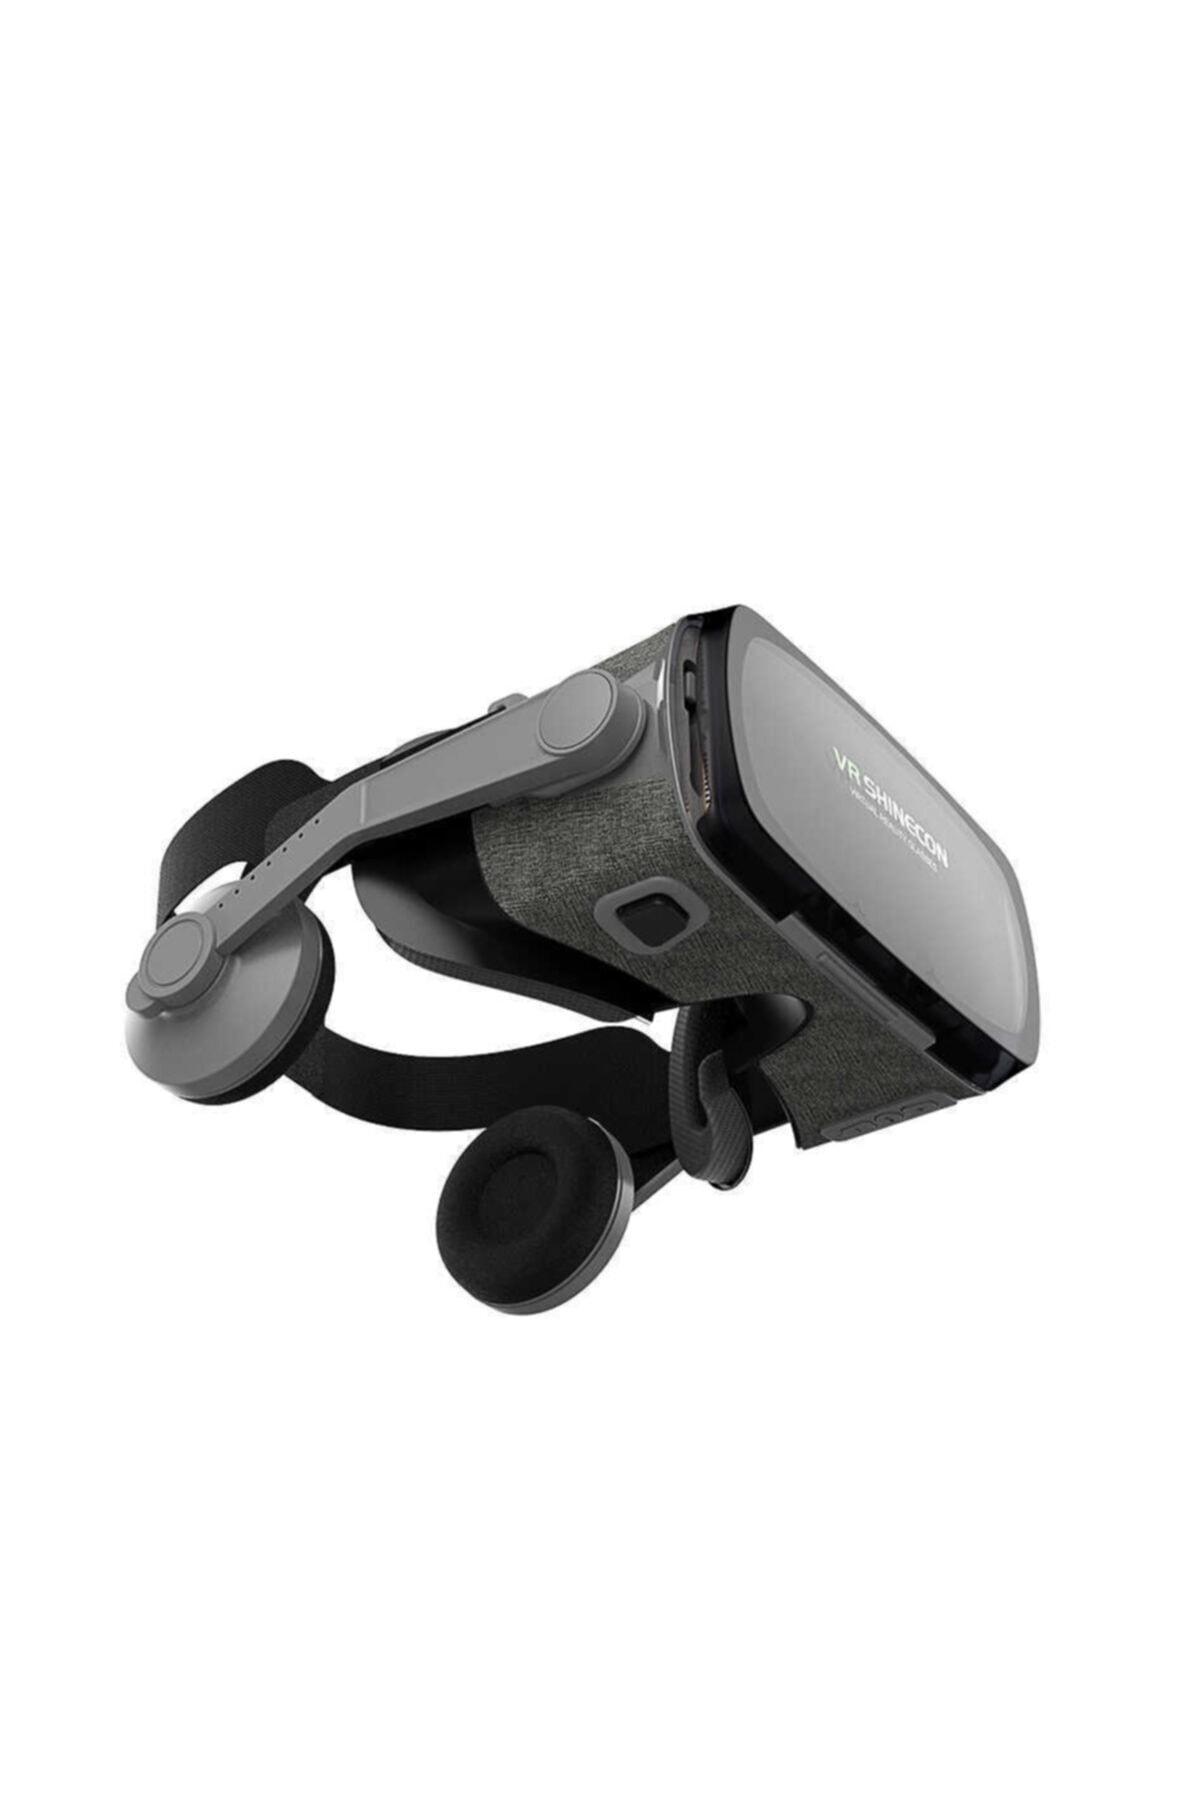 VR Shinecon 3d Sanal Gerçeklik Gözlüğü 720° Gri 2